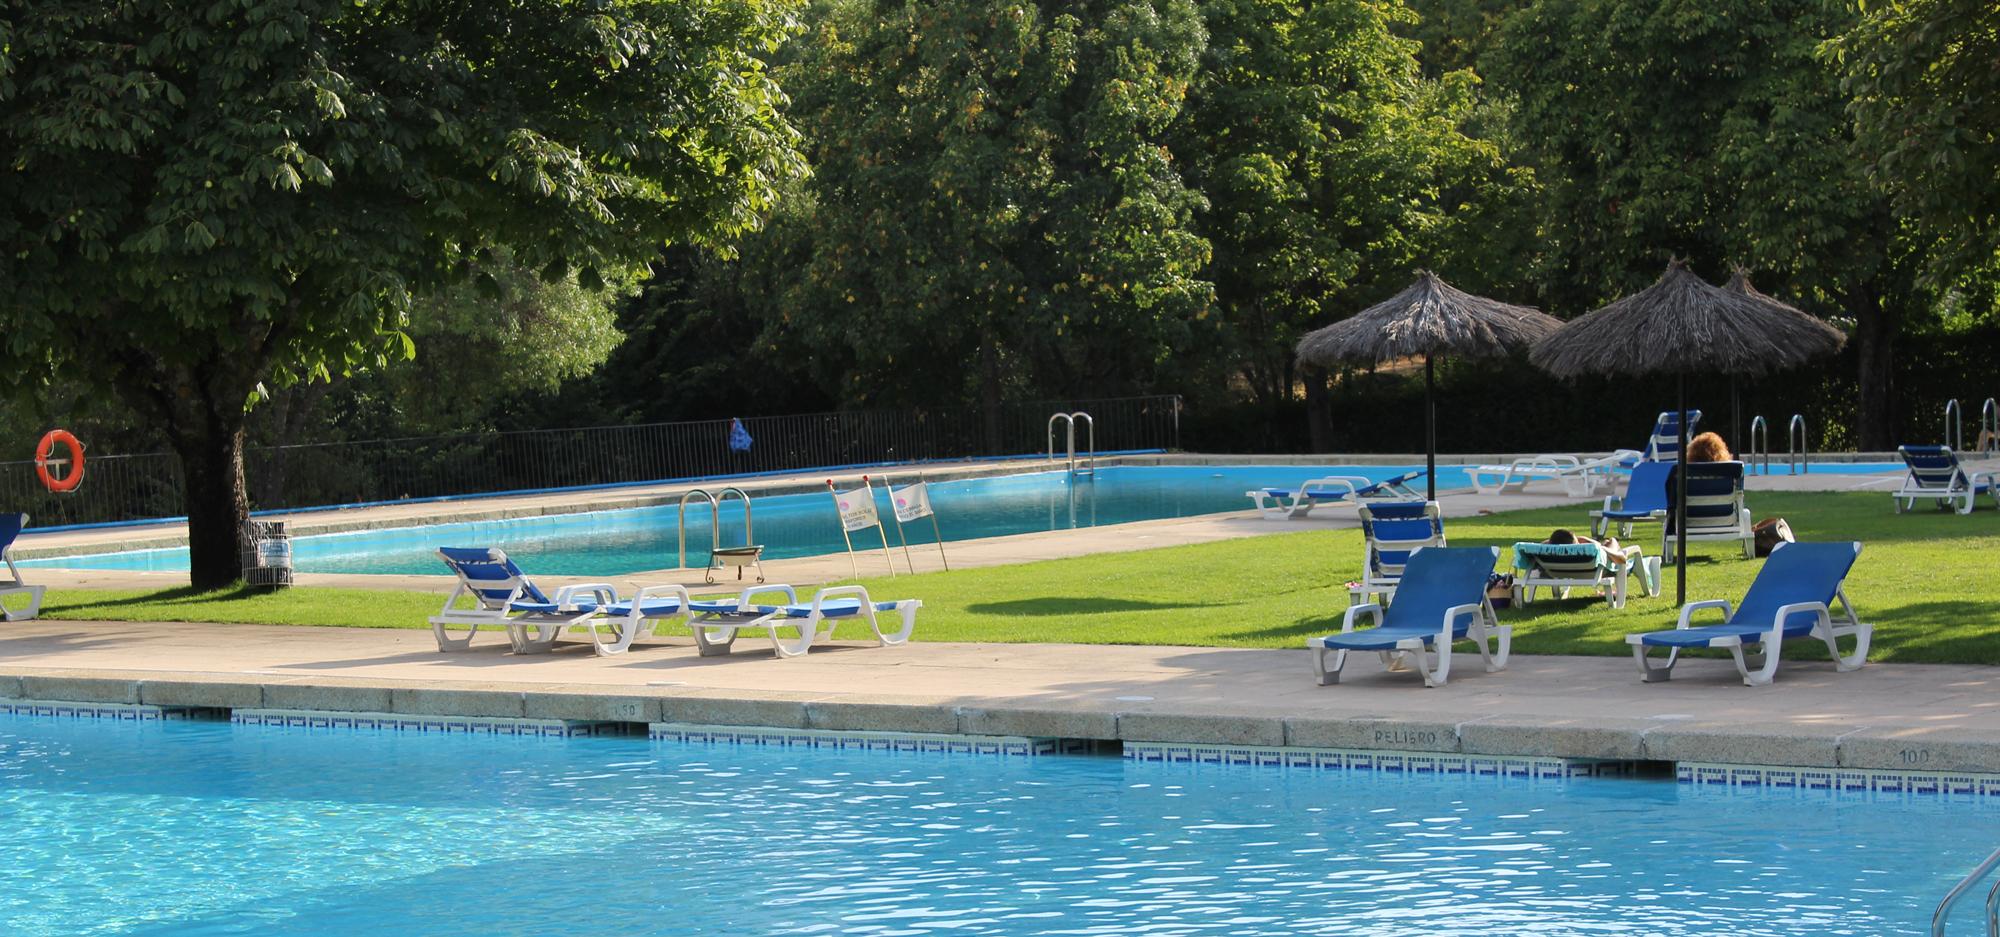 Espacio Herrería piscinas terraza bar naturaleza